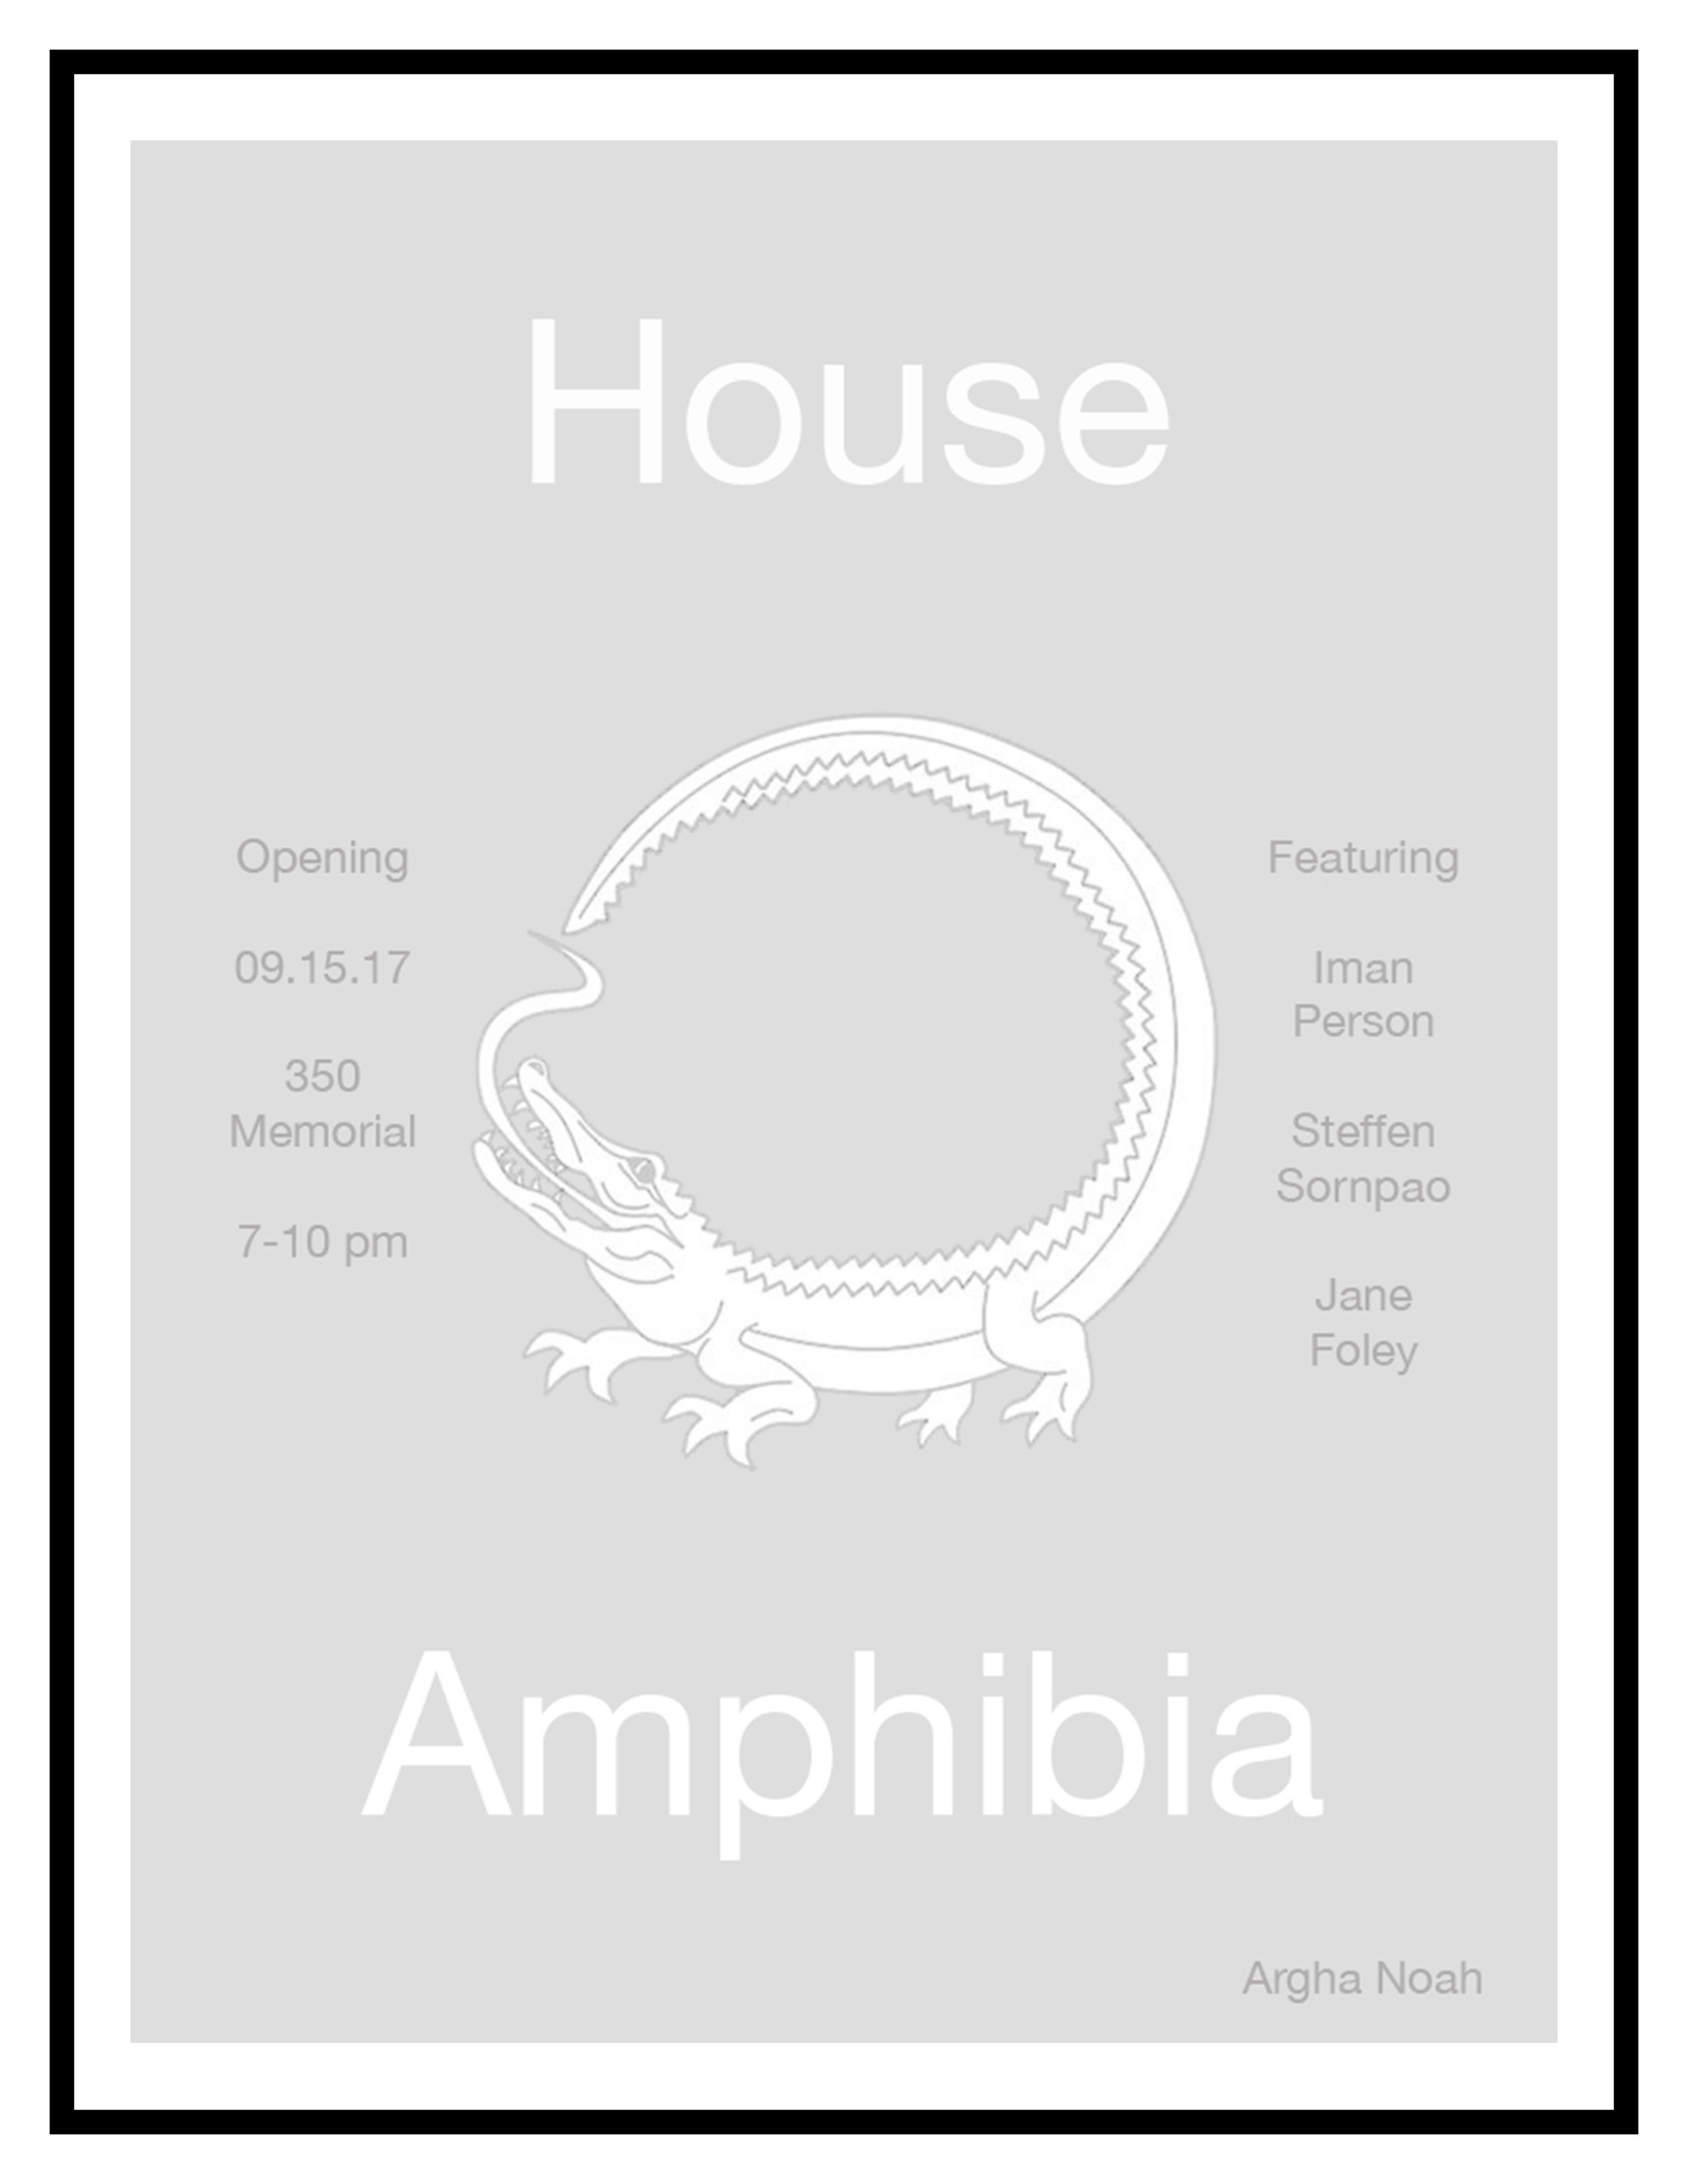 557 house poster.jpg